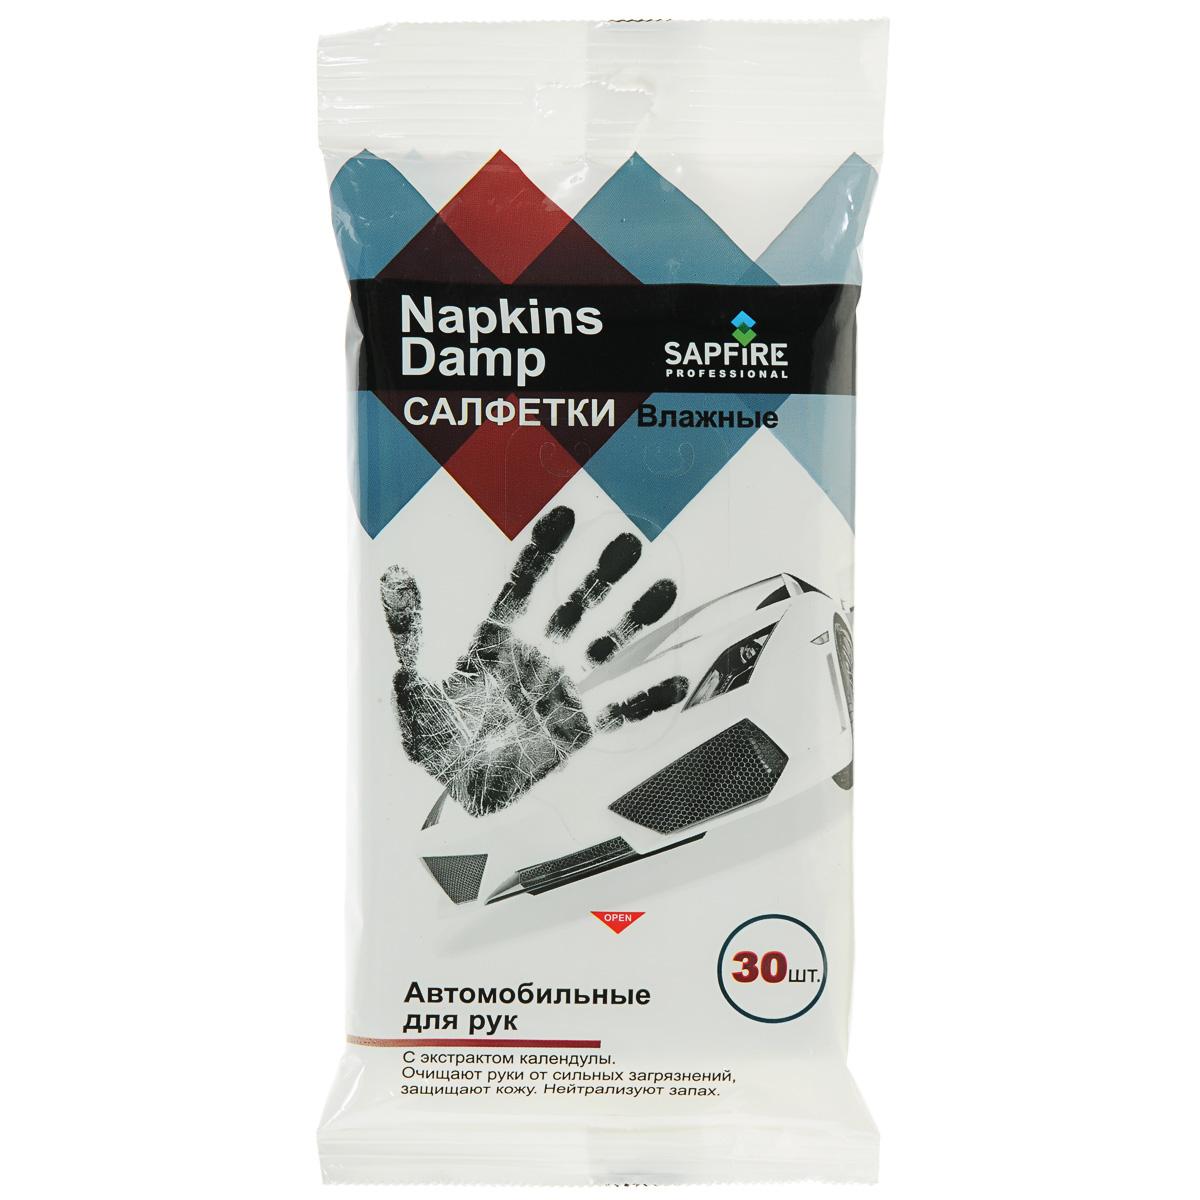 Салфетки влажные Sapfire для рук, 30 шт0805-SOGСалфетки влажные Sapfire изготовлены из мягкого нетканого материала с высоким уровнем абсорбции. Пропитаны специальным очищающим лосьоном. Легко удаляют с рук любые, в том числе технические, загрязнения. Незаменимы в автомобиле при повседневном использовании. Нейтрализуют запах. Состав: деминерализованная вода, пропиленгликоль, феноксиэтанол, кокоглюкозит, метилпарабен, этилпарабен, дисодиум, кокоил глютамат, пропилпарабен, йодопропинил бутилкарбамат, парфюмерная композиция, экстракт календулы.